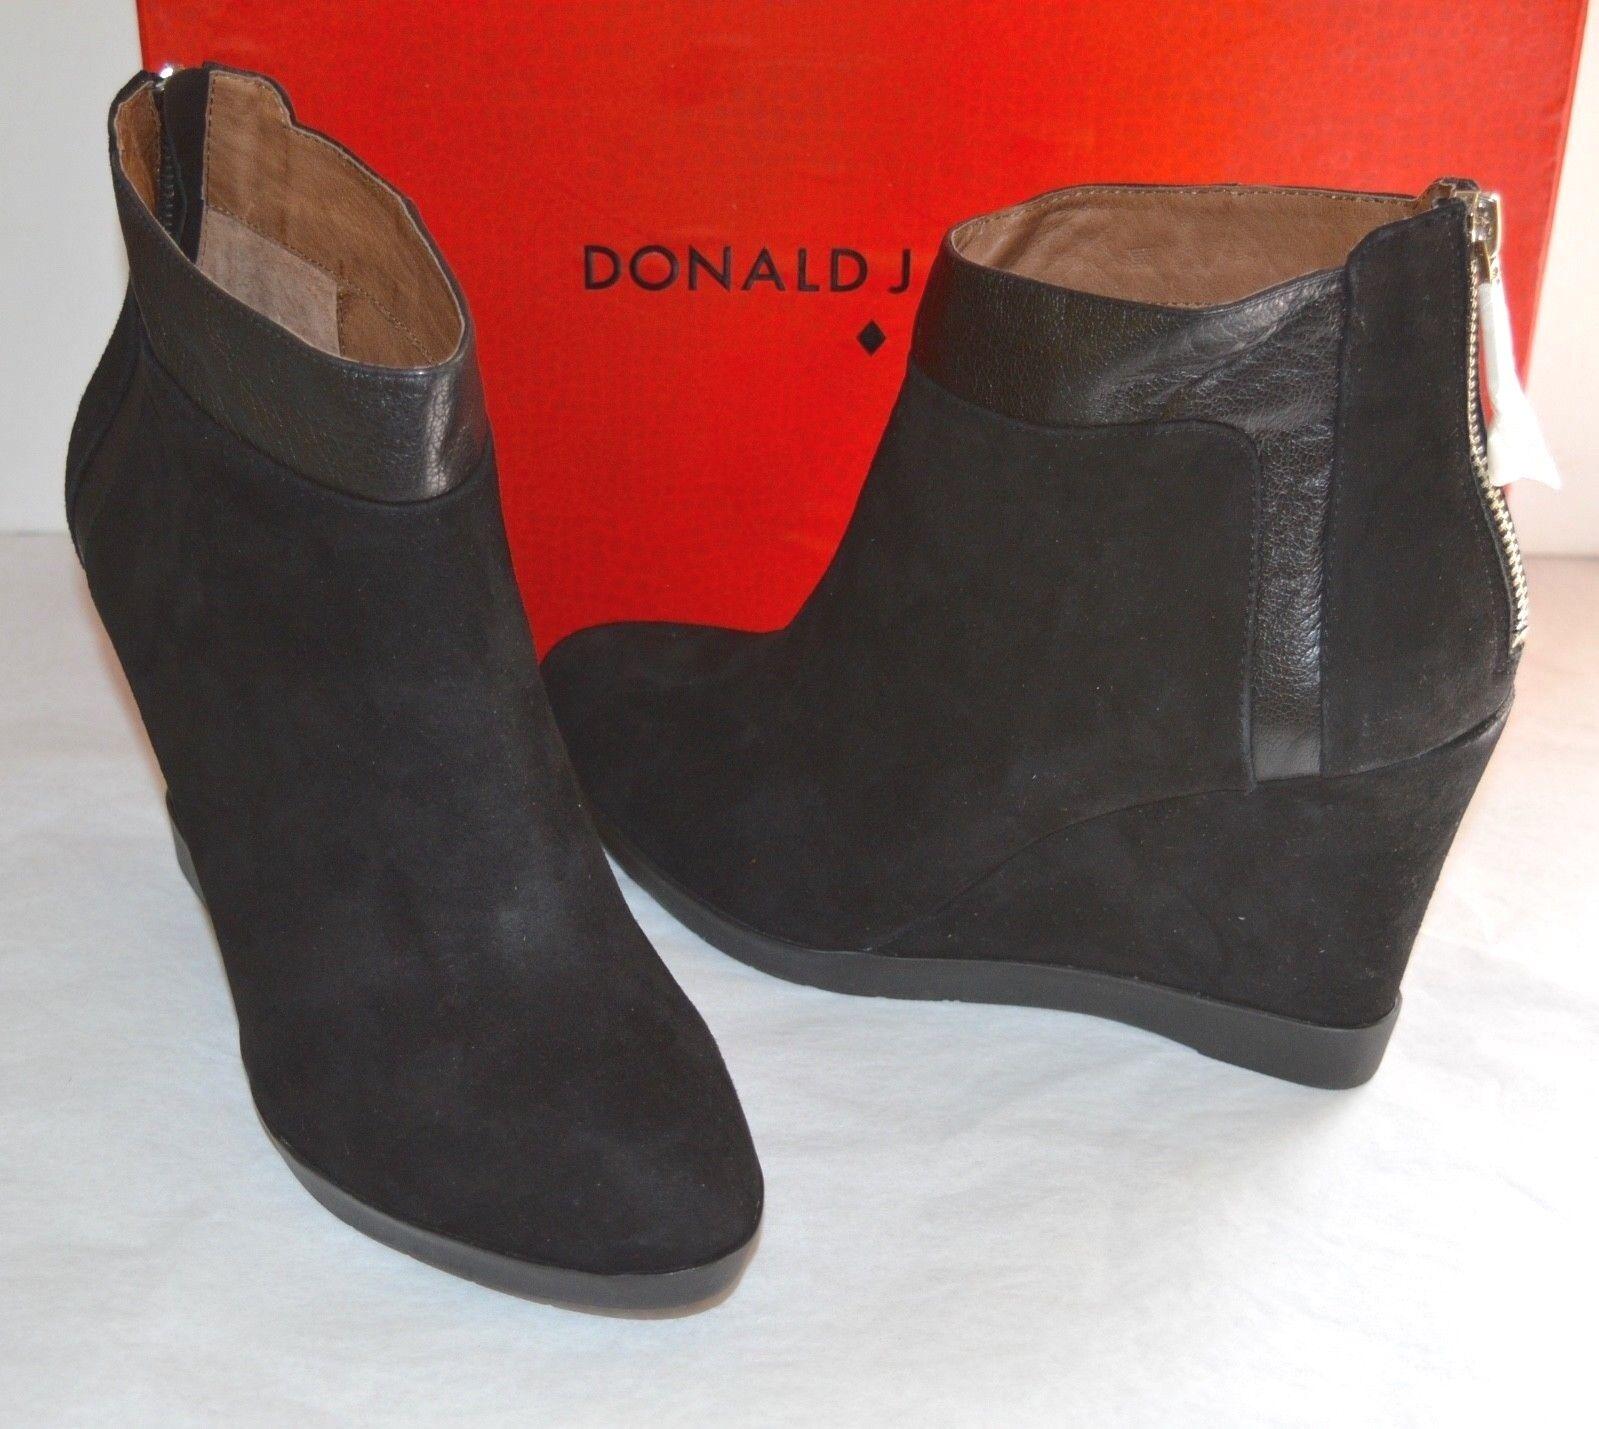 Nuevo  350 Donald J Pliner chez-Niño Suede Negro Cuña Cuña Cuña Botín Bota Tobillo Talla 10  descuento de ventas en línea